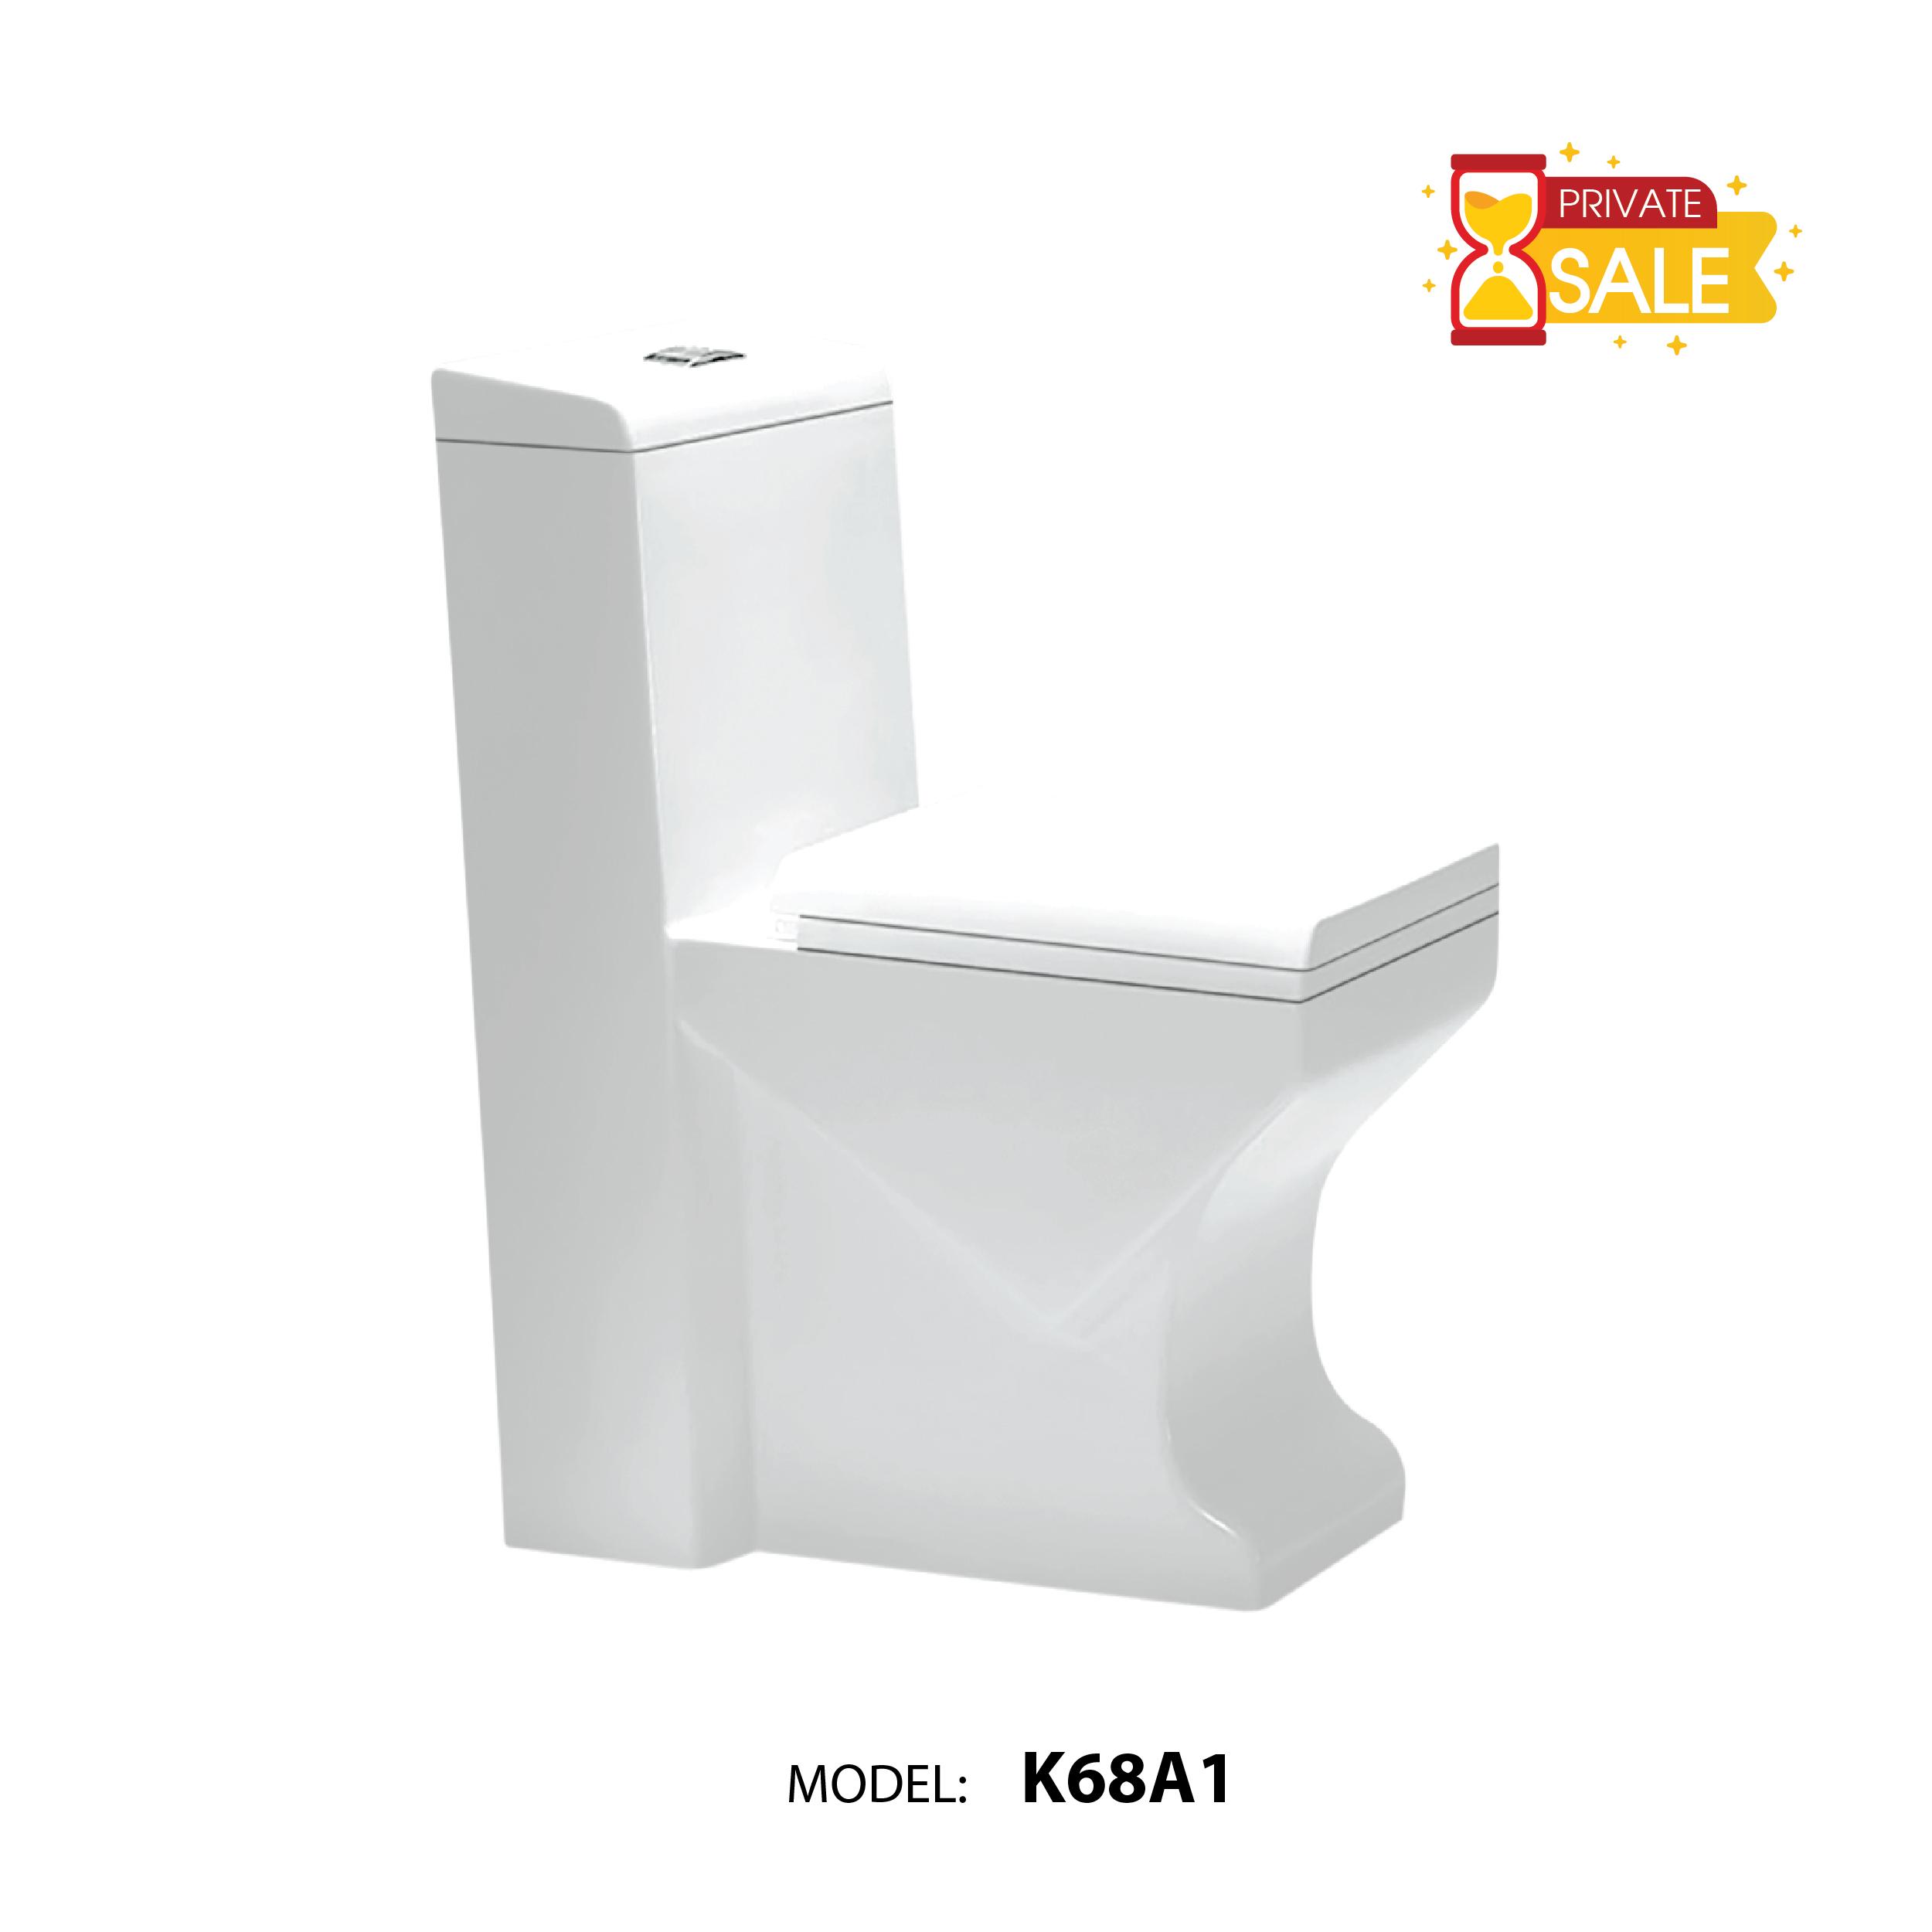 BỒN CẦU CARANO 1 KHỐI K68A1 ( Toilet model: K68A1 )